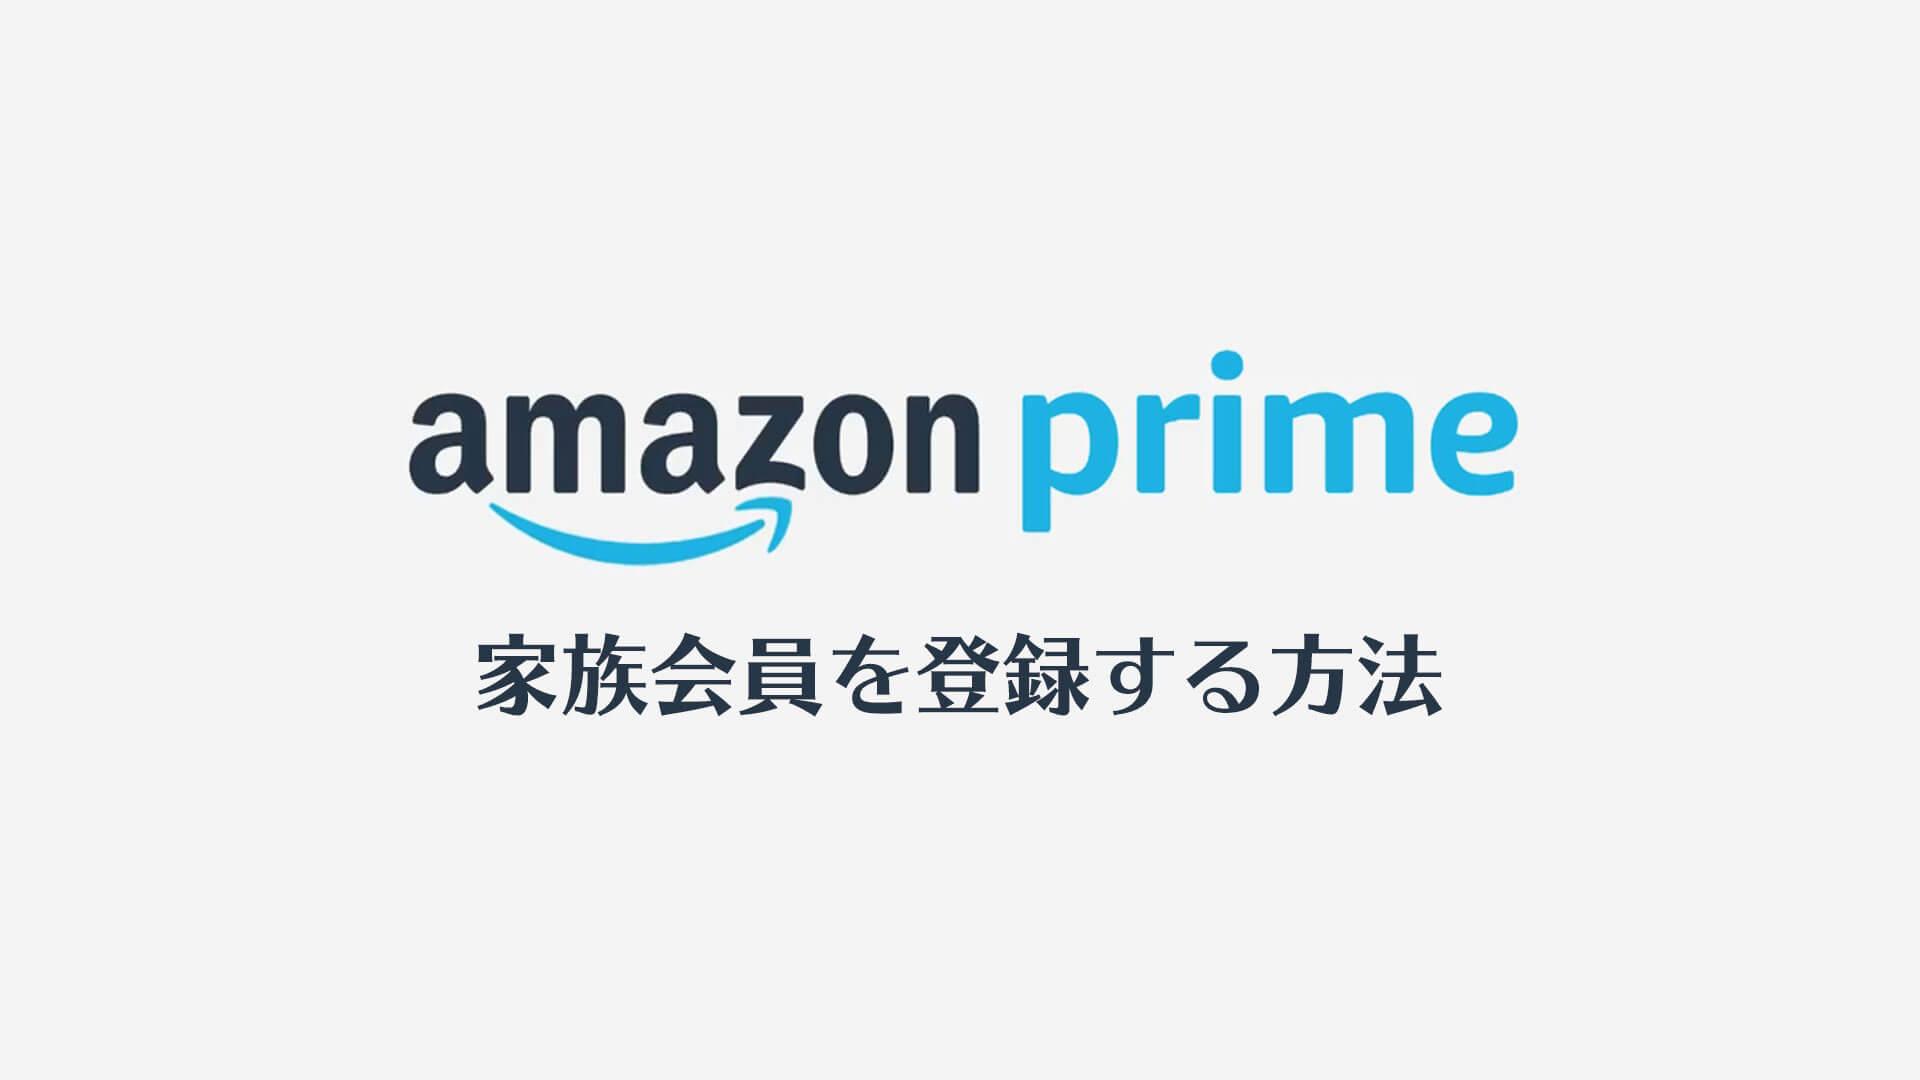 Amazonプライムの家族会員を登録する方法